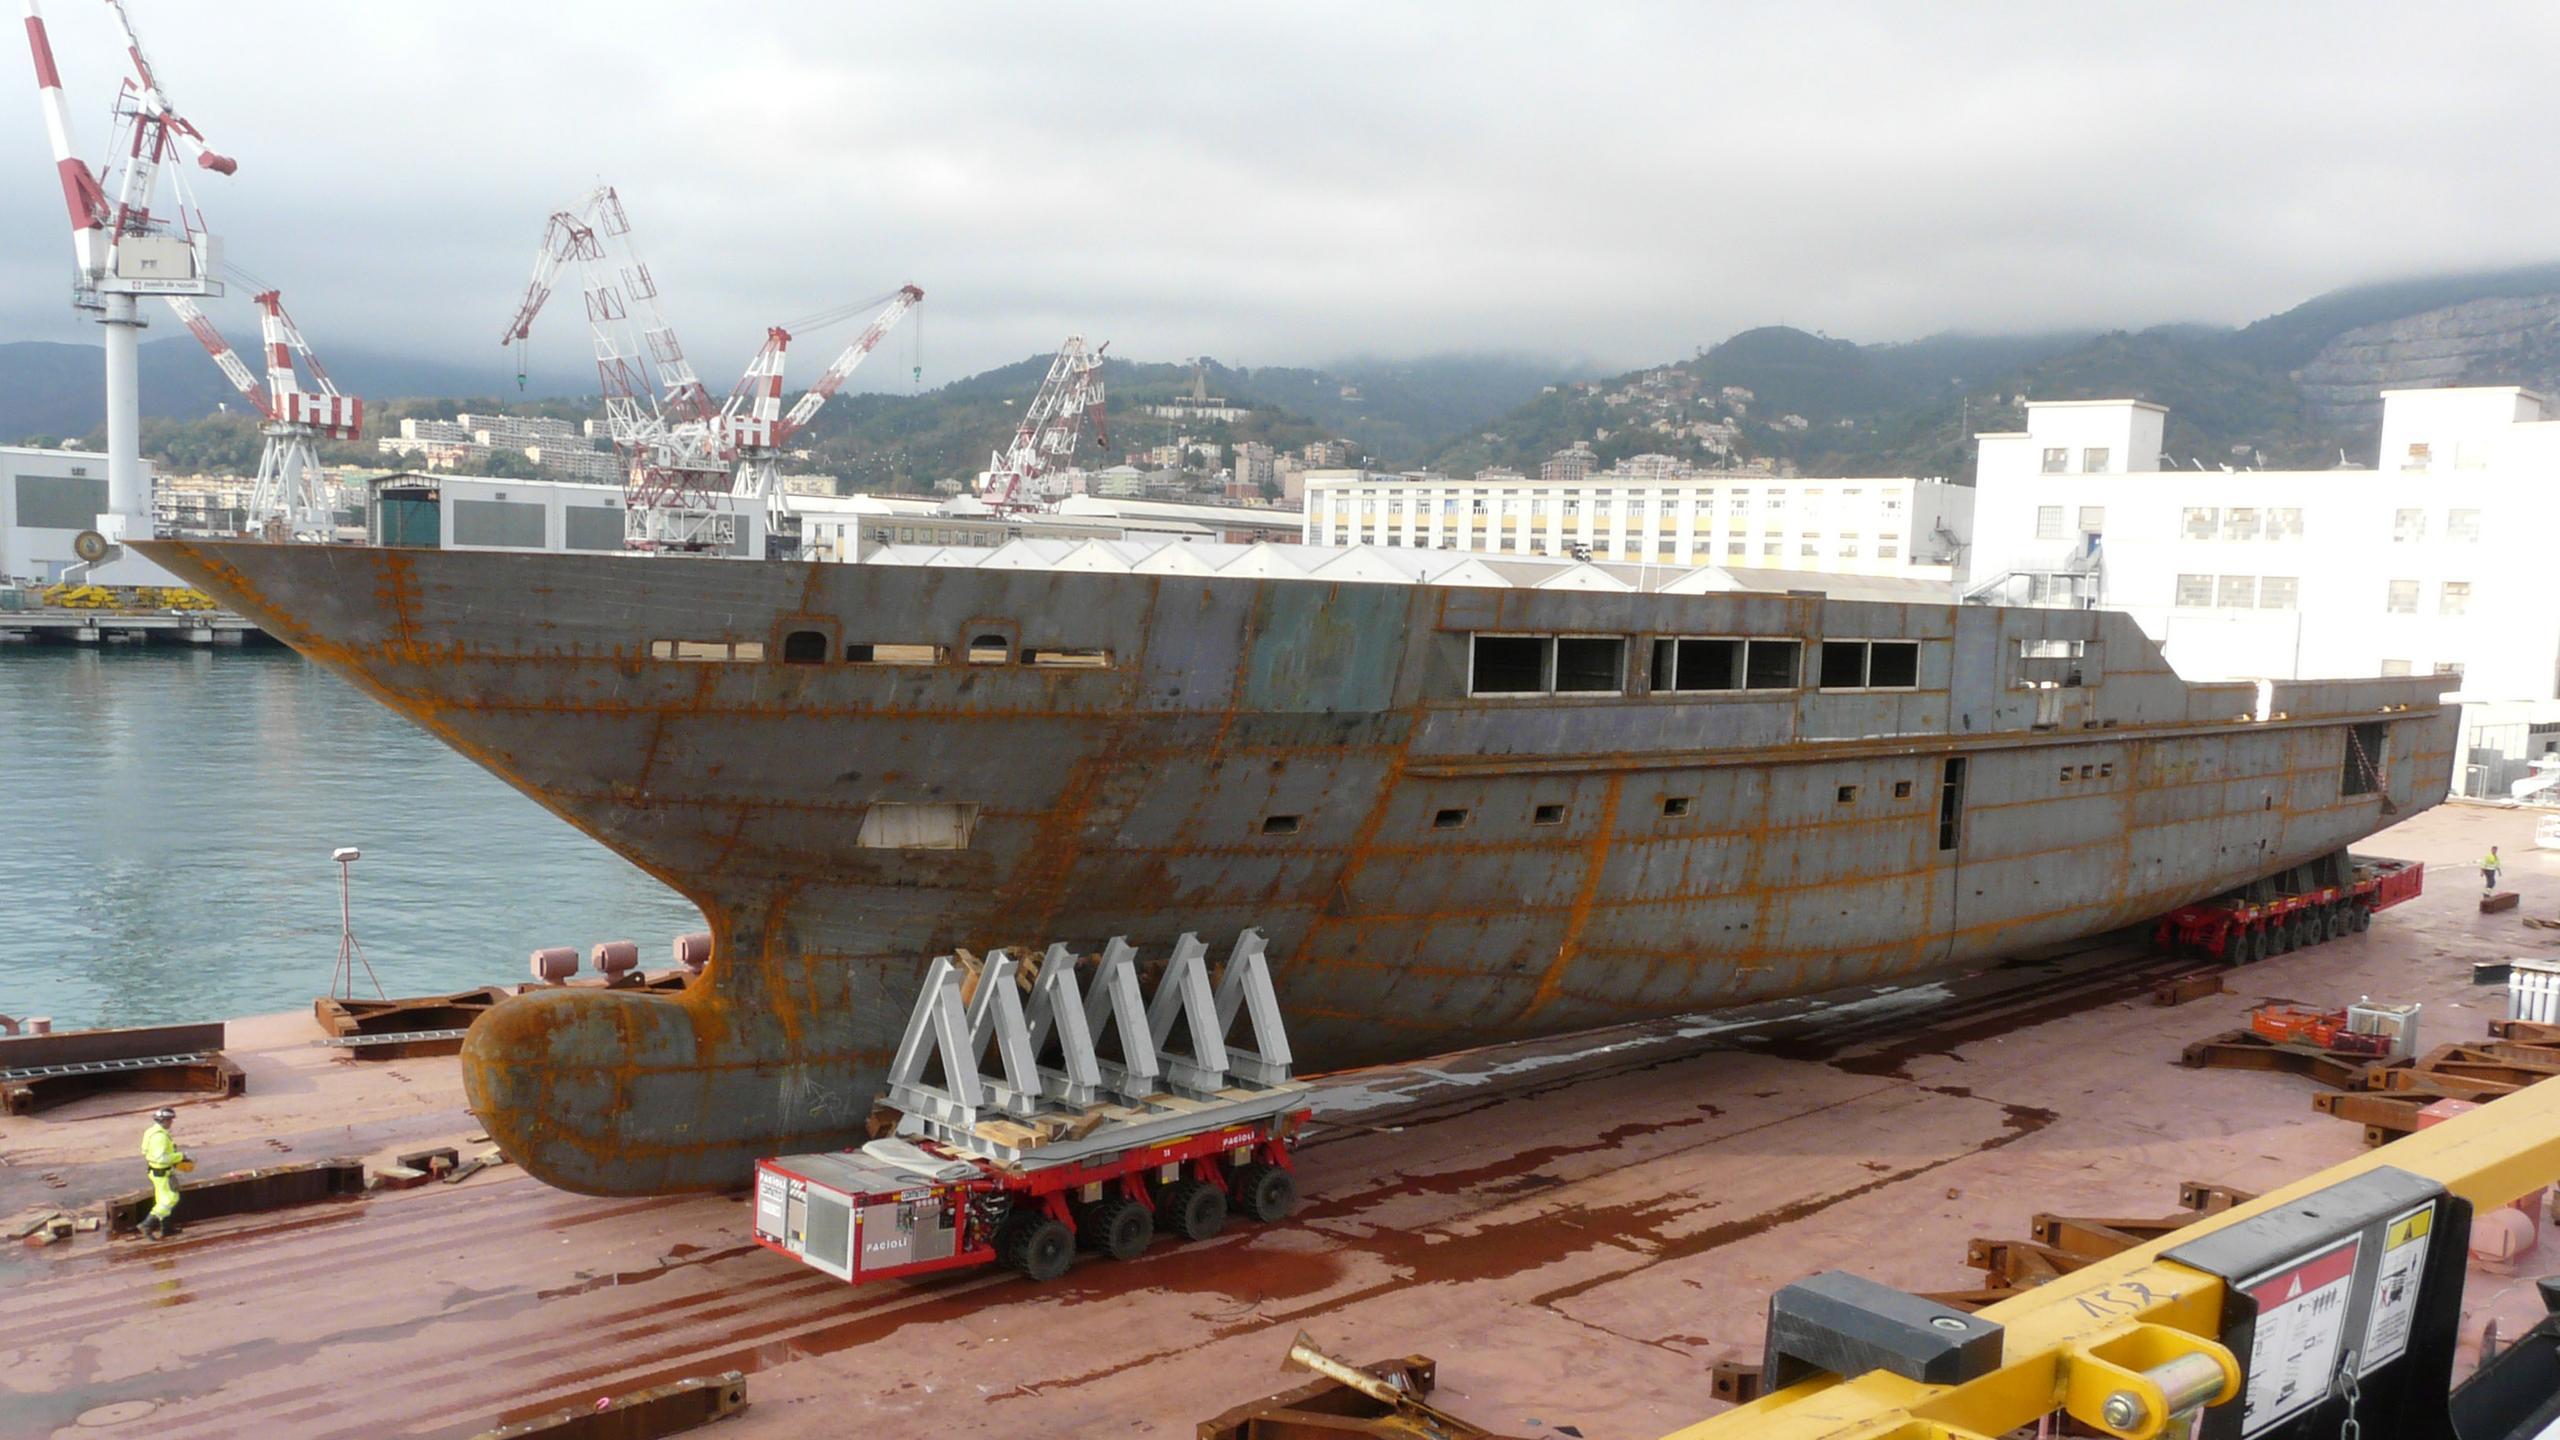 solo s701 motoryacht tankoa yachts 72m 2018 under construction hull